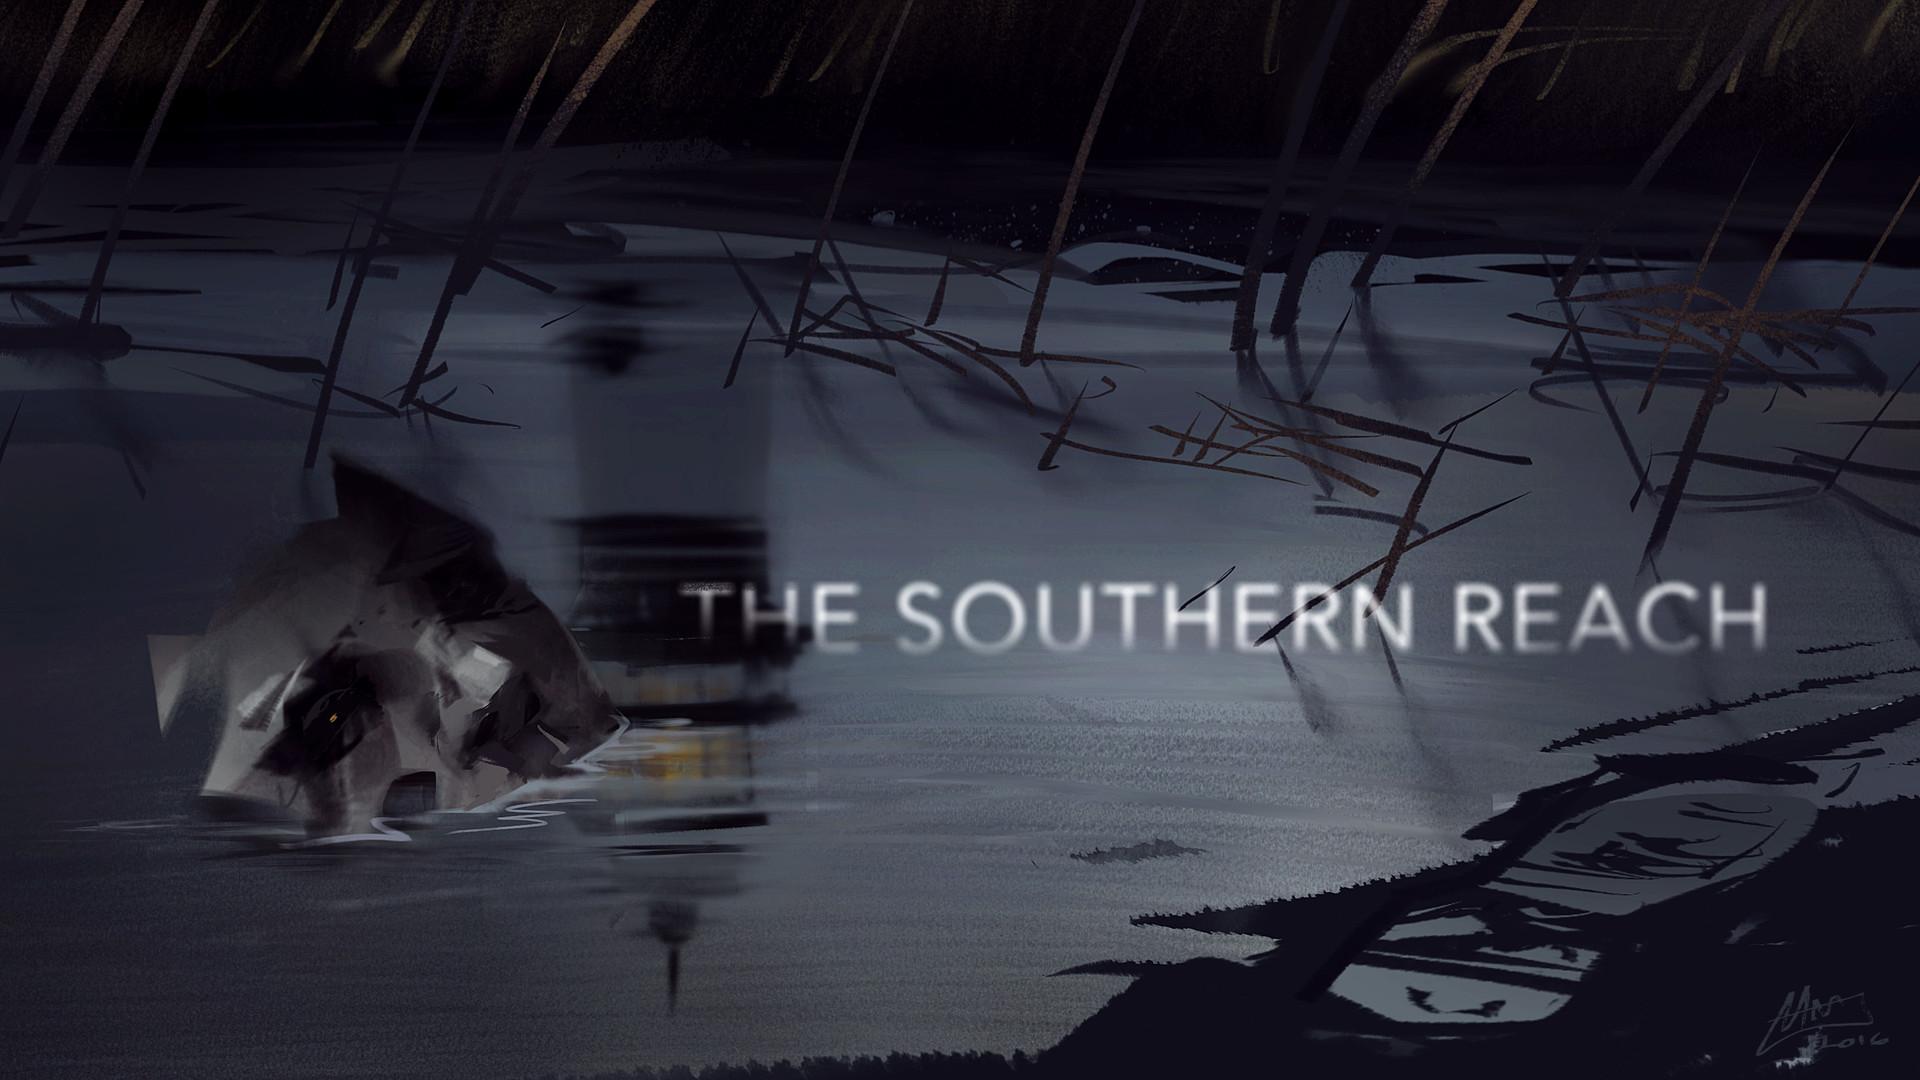 Mike mccain southern reach